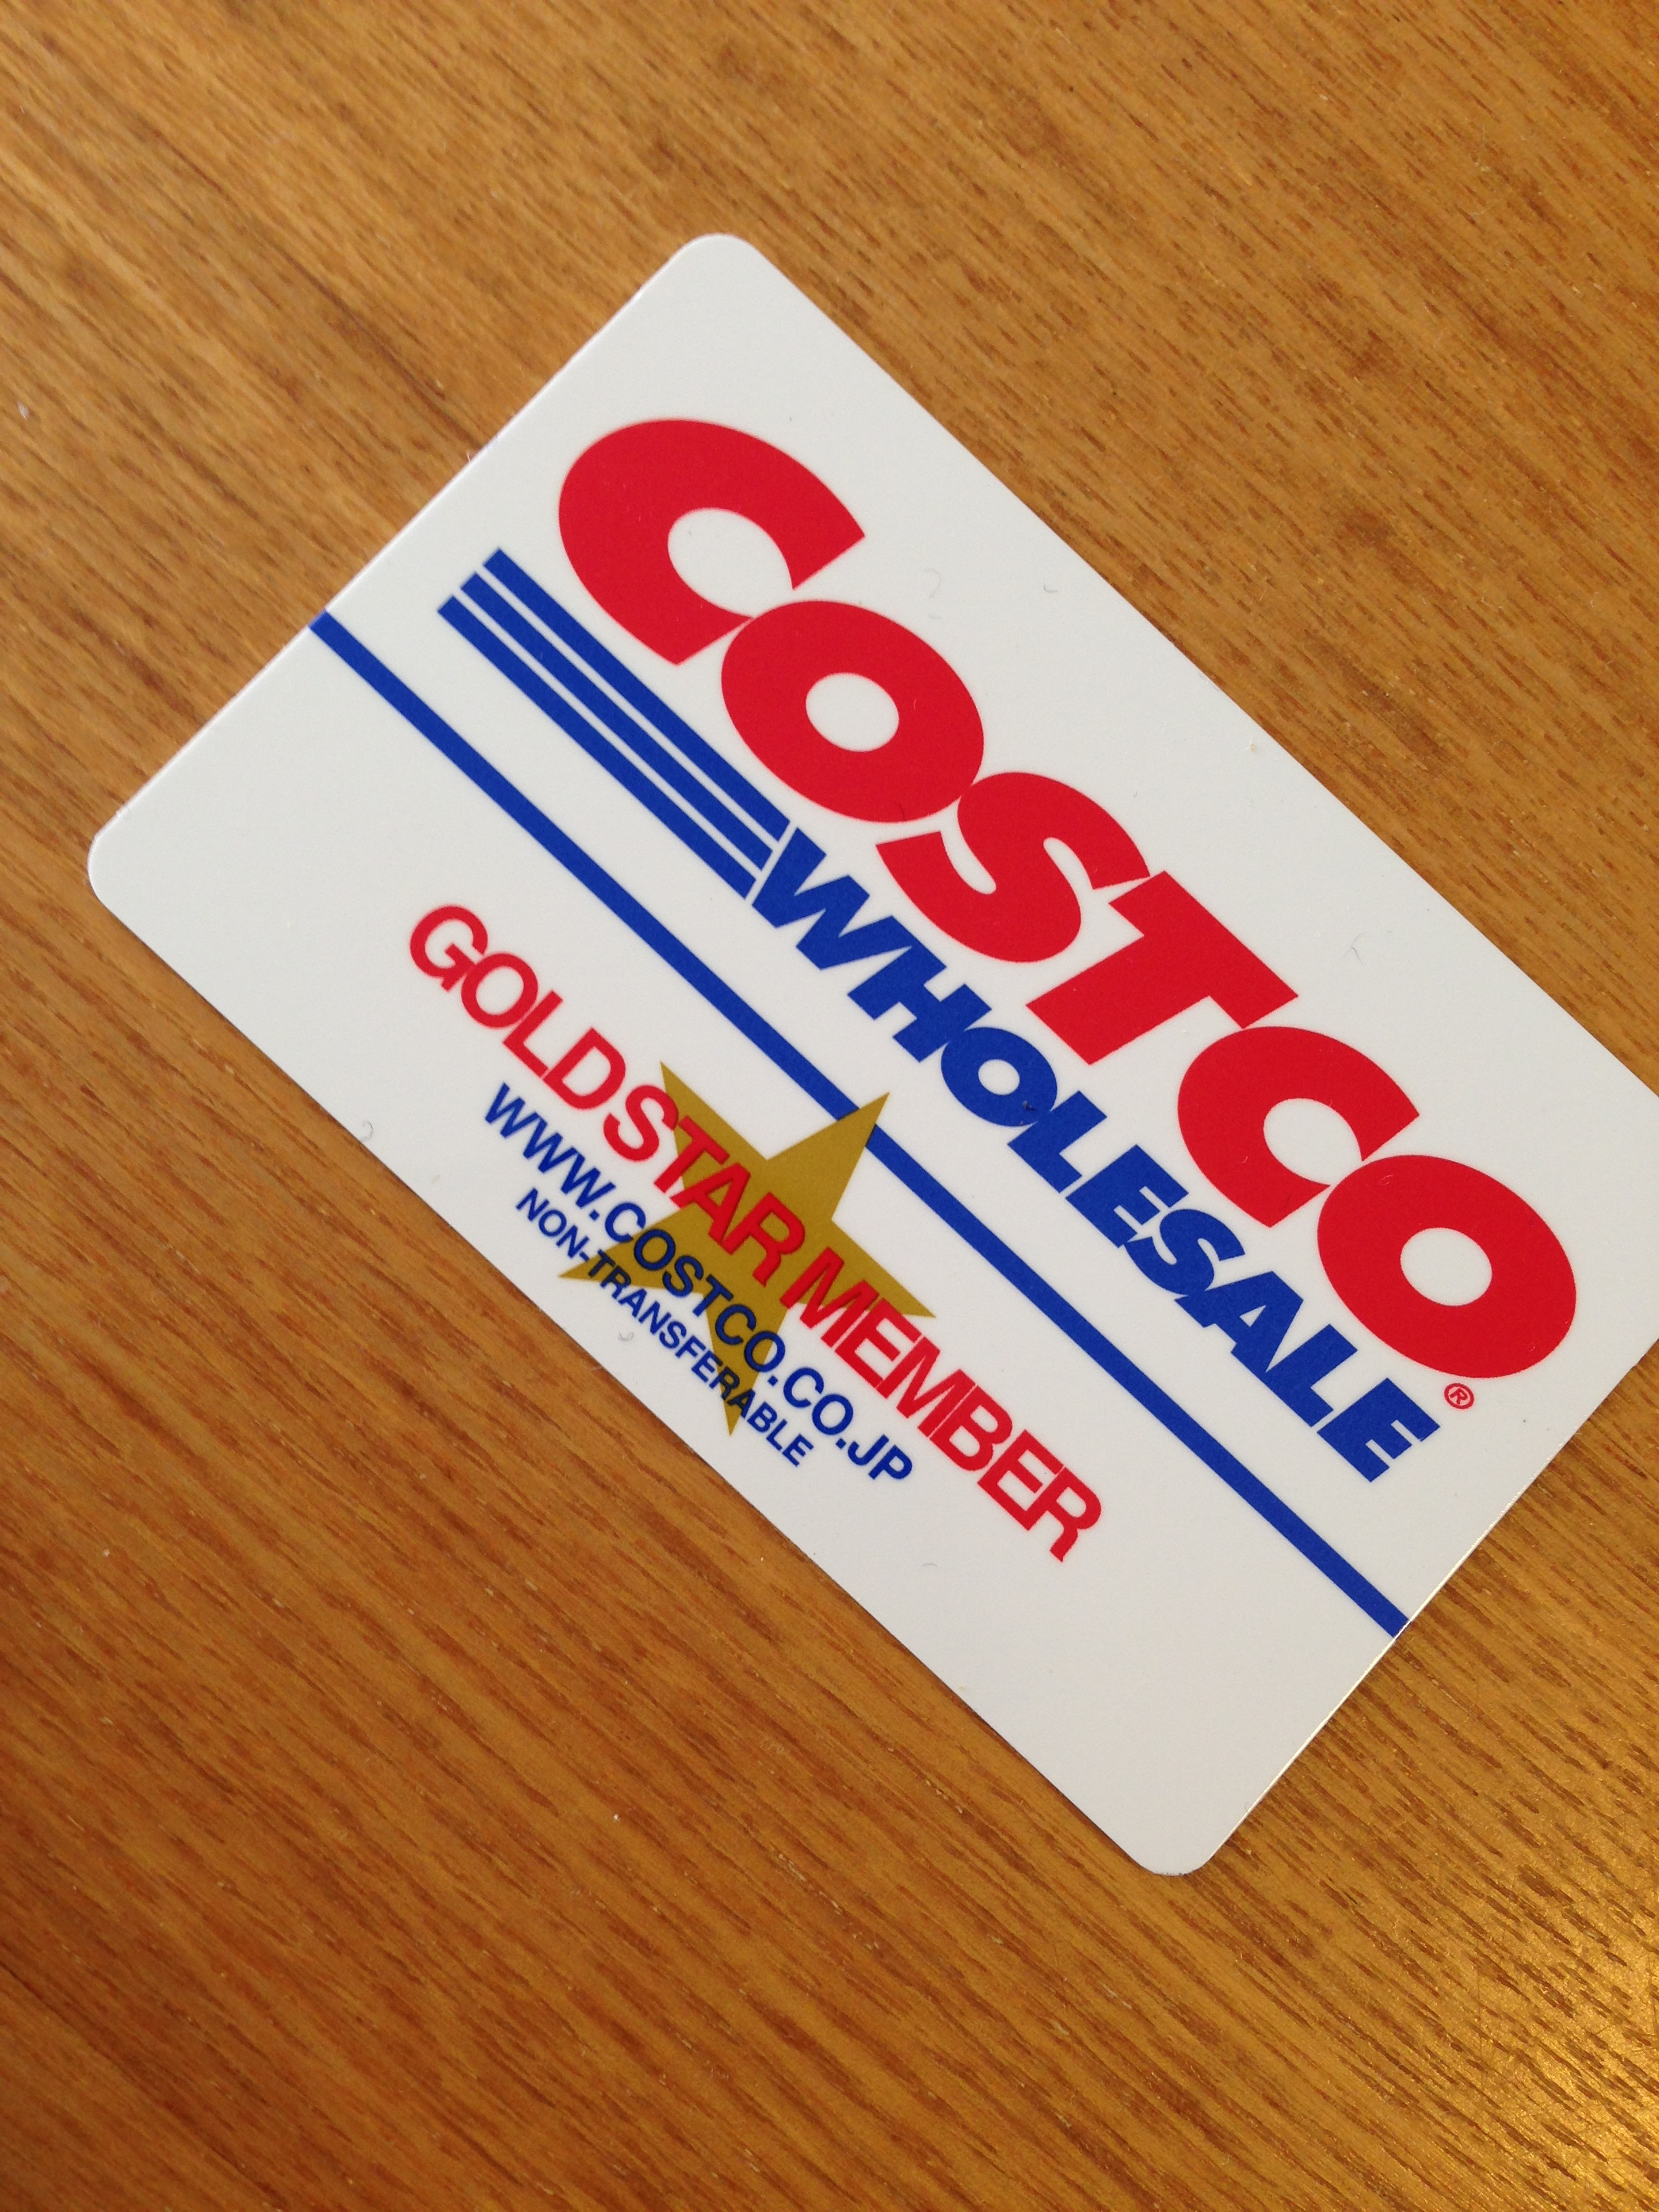 初めてのコストコ!やっとこさ会員になってみた理由&人気商品を中心に購入商品一覧